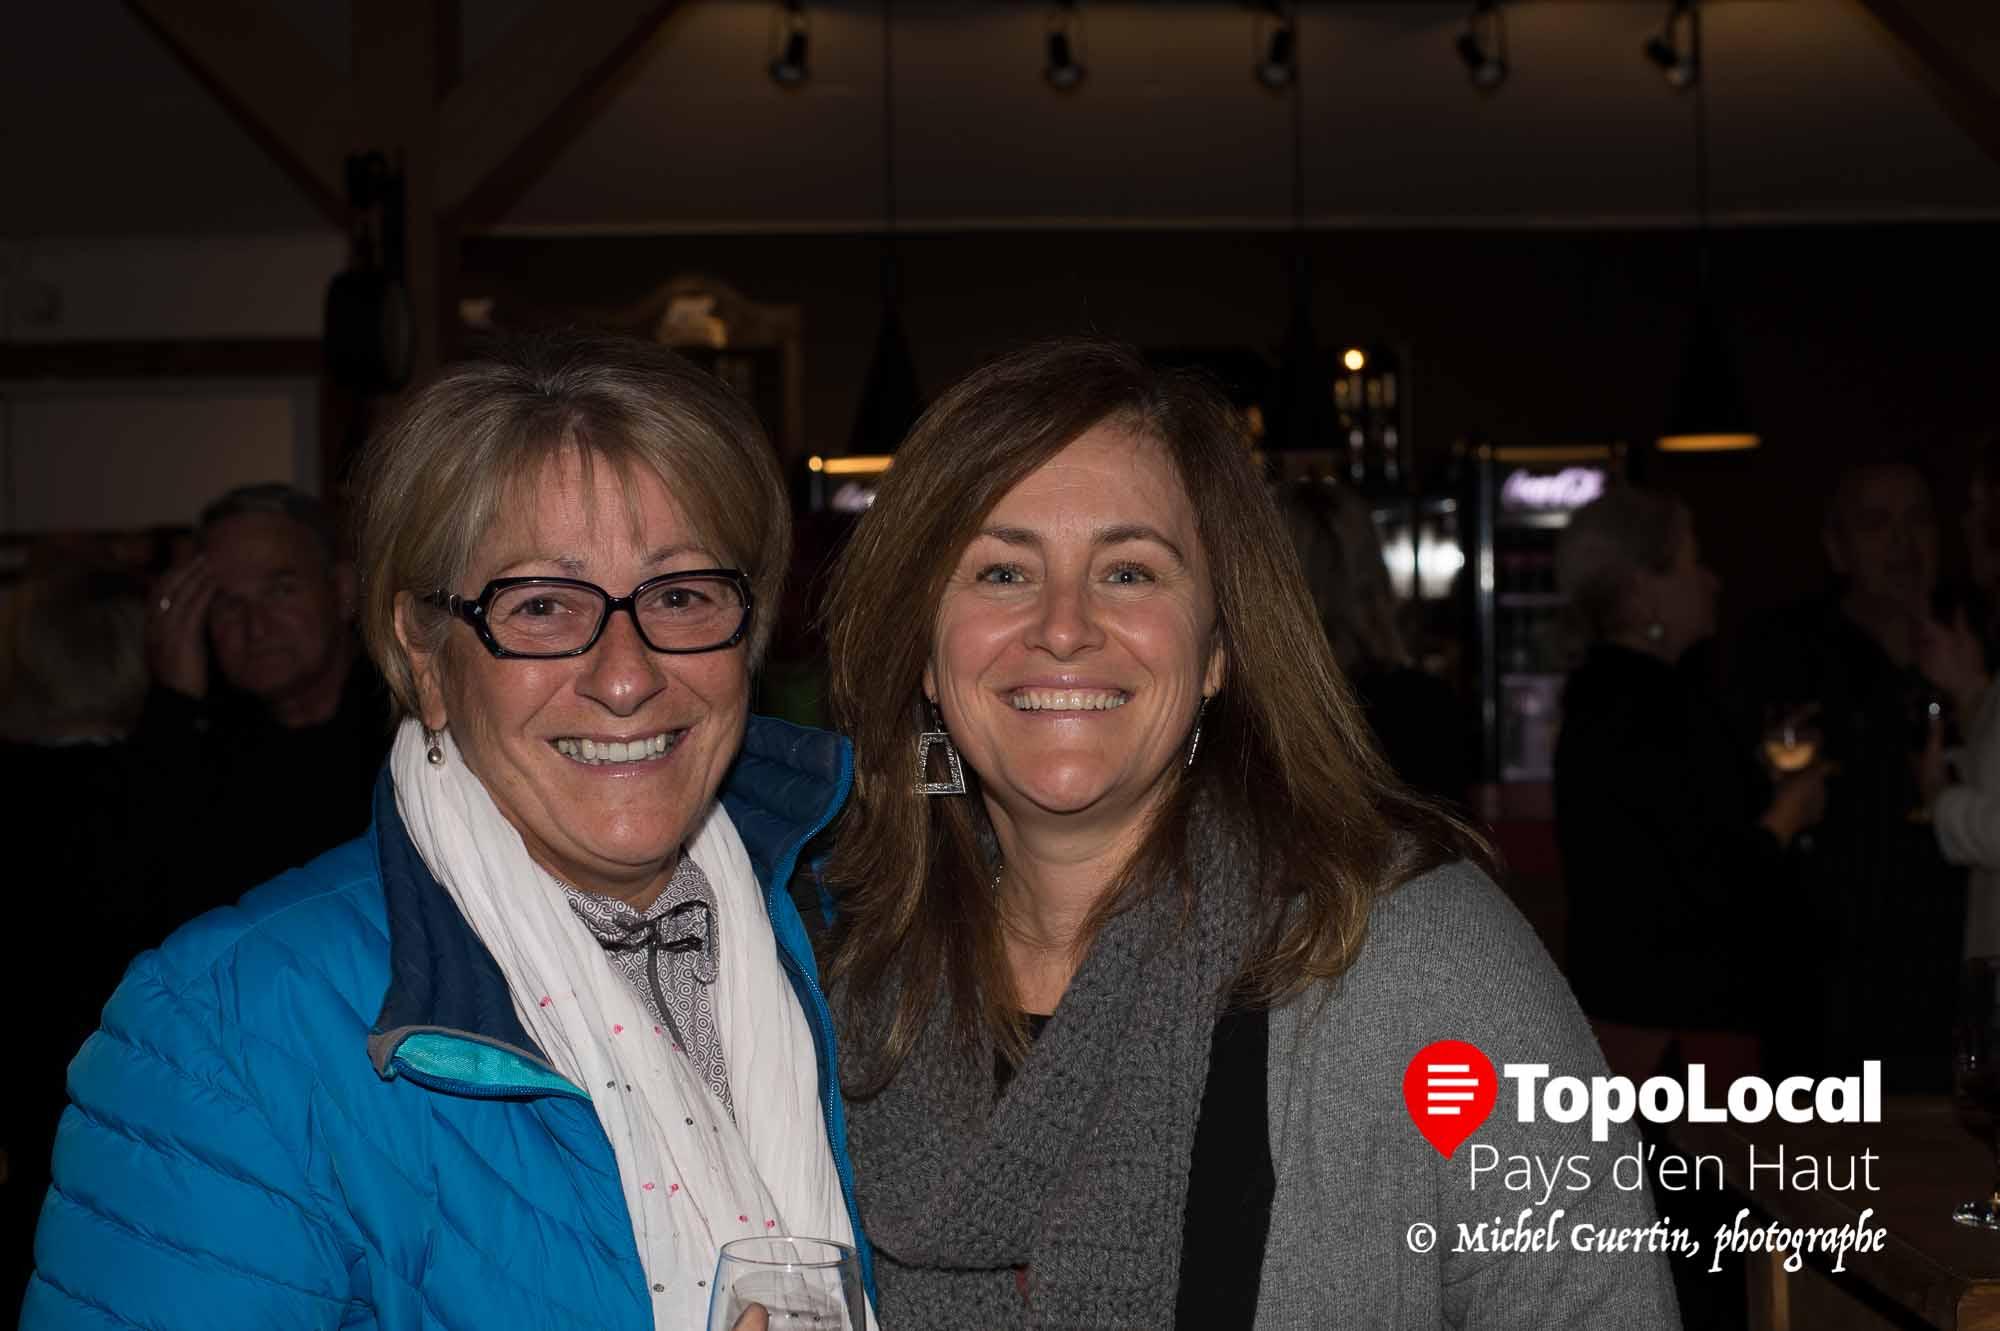 Christine Jauron bénévole au Patriote était contente de discuter culture avec Brigitte Foisy de la Ville de Sainte-Agathe-des-Monts.